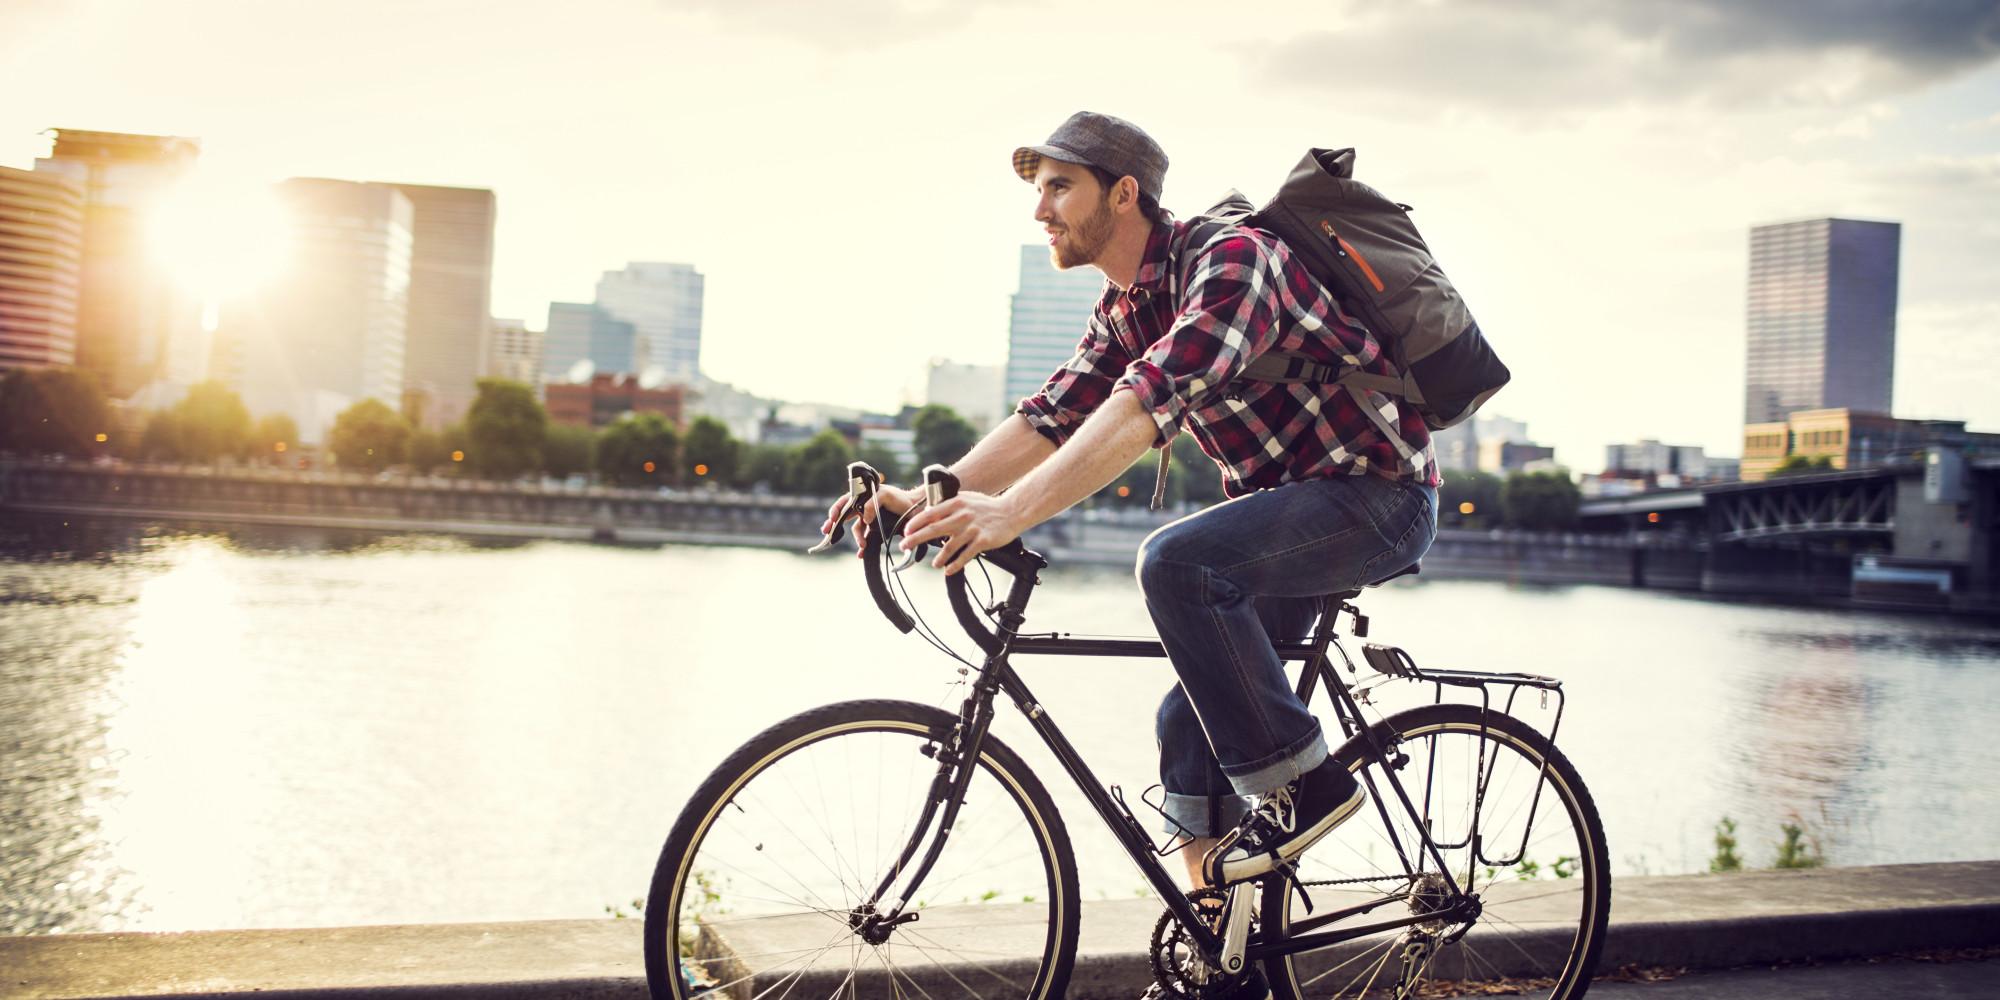 cách tiết kiệm di chuyển bằng xe đạp